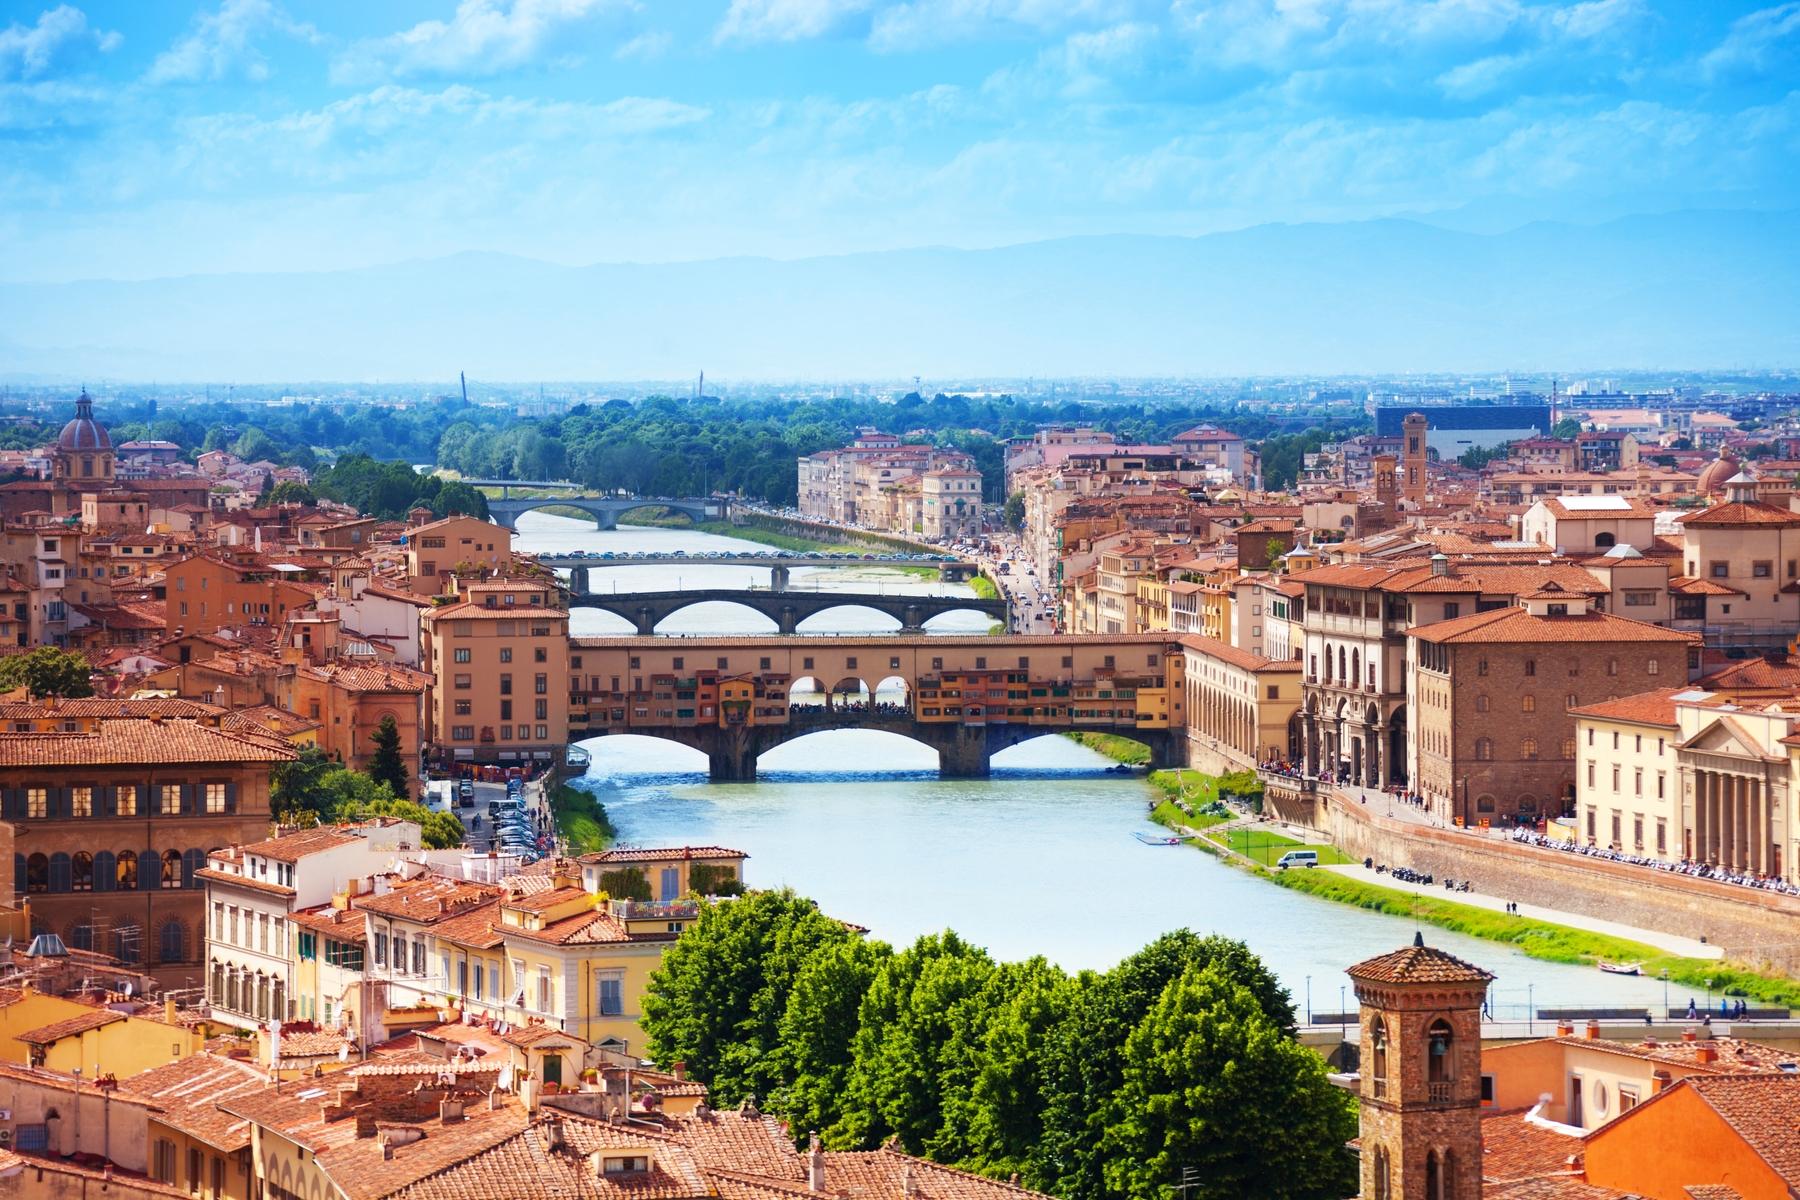 Firenze romantico